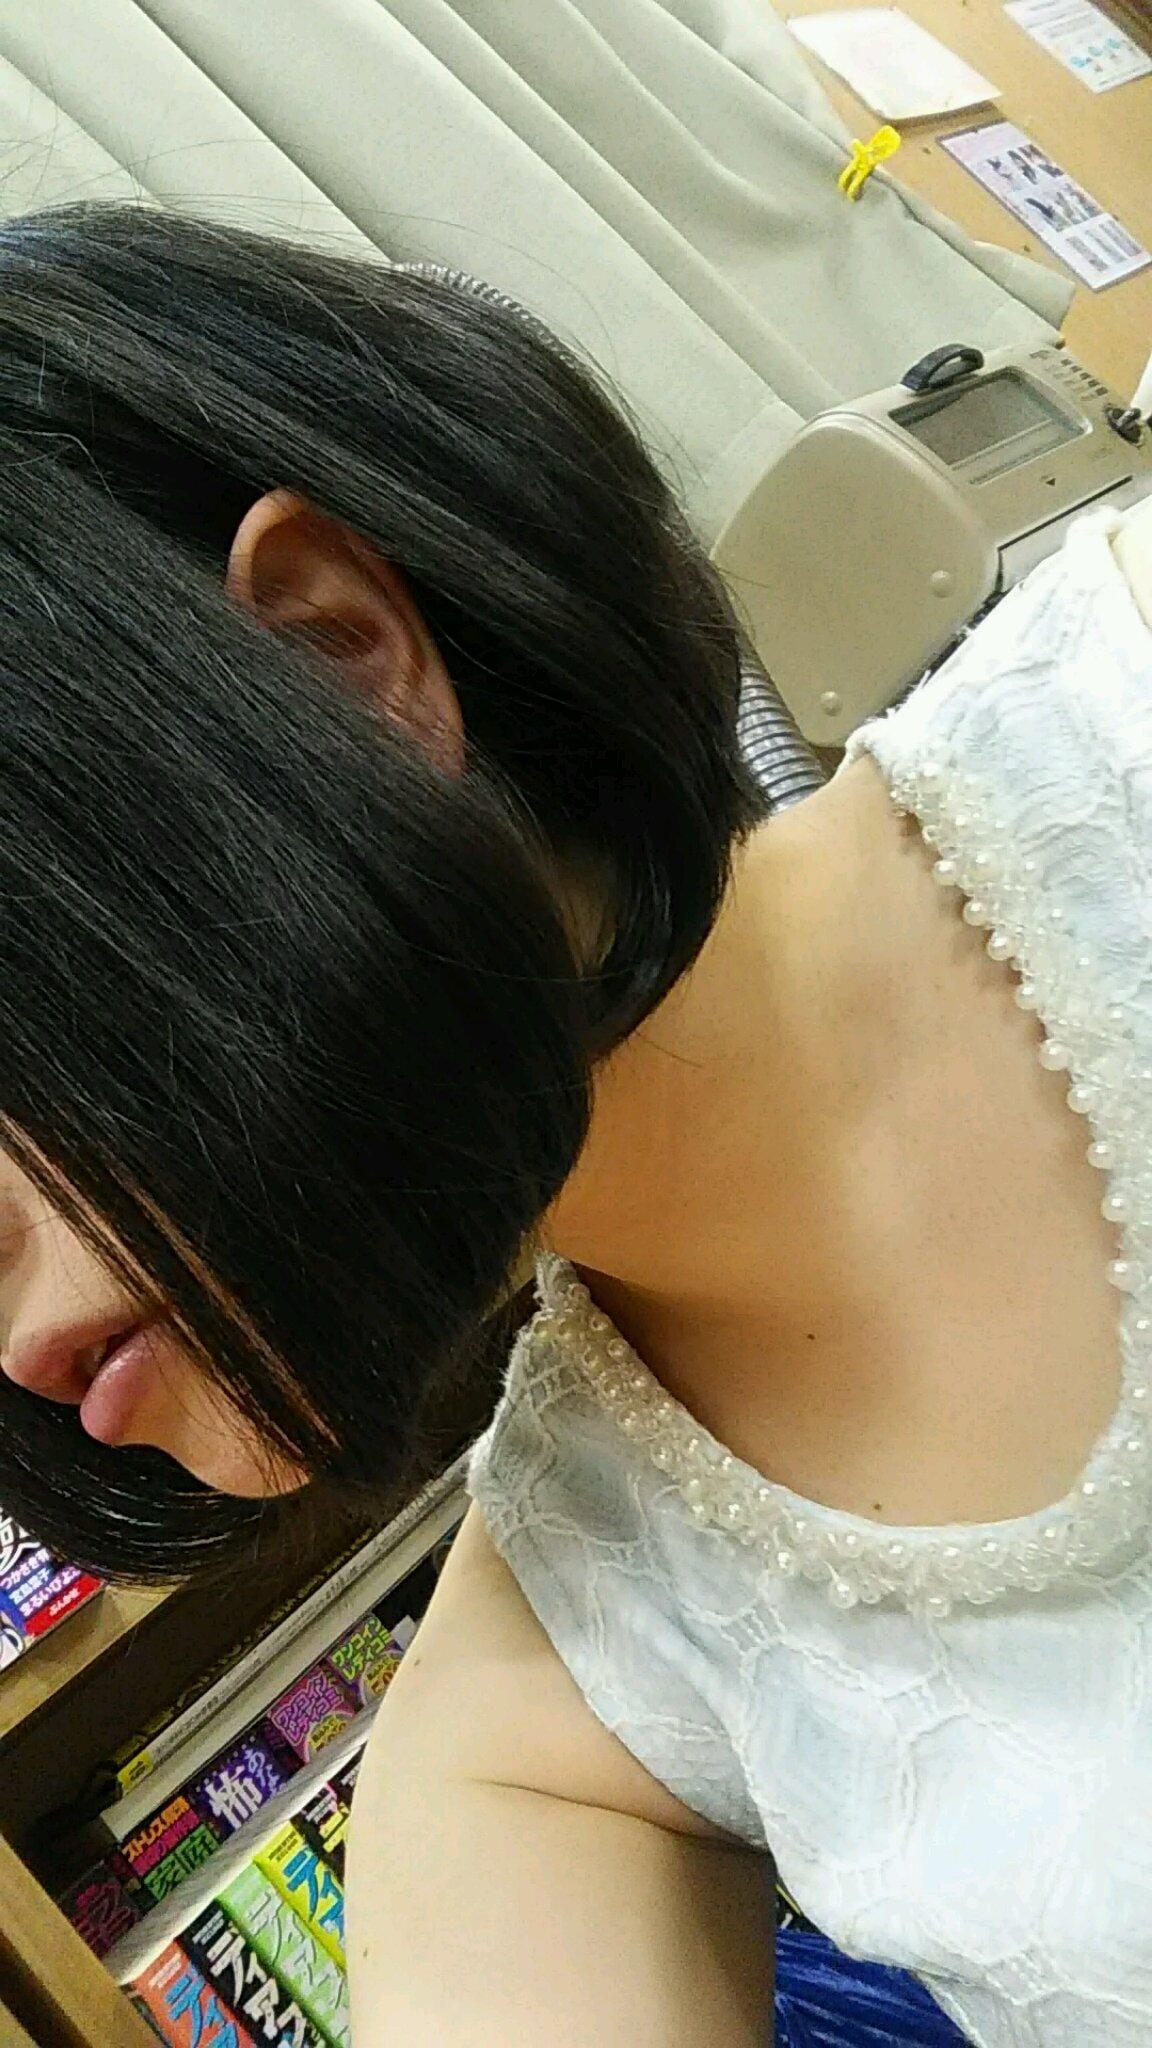 「( ´∀`)今晩」06/05日(金) 19:31 | りつの写メ・風俗動画